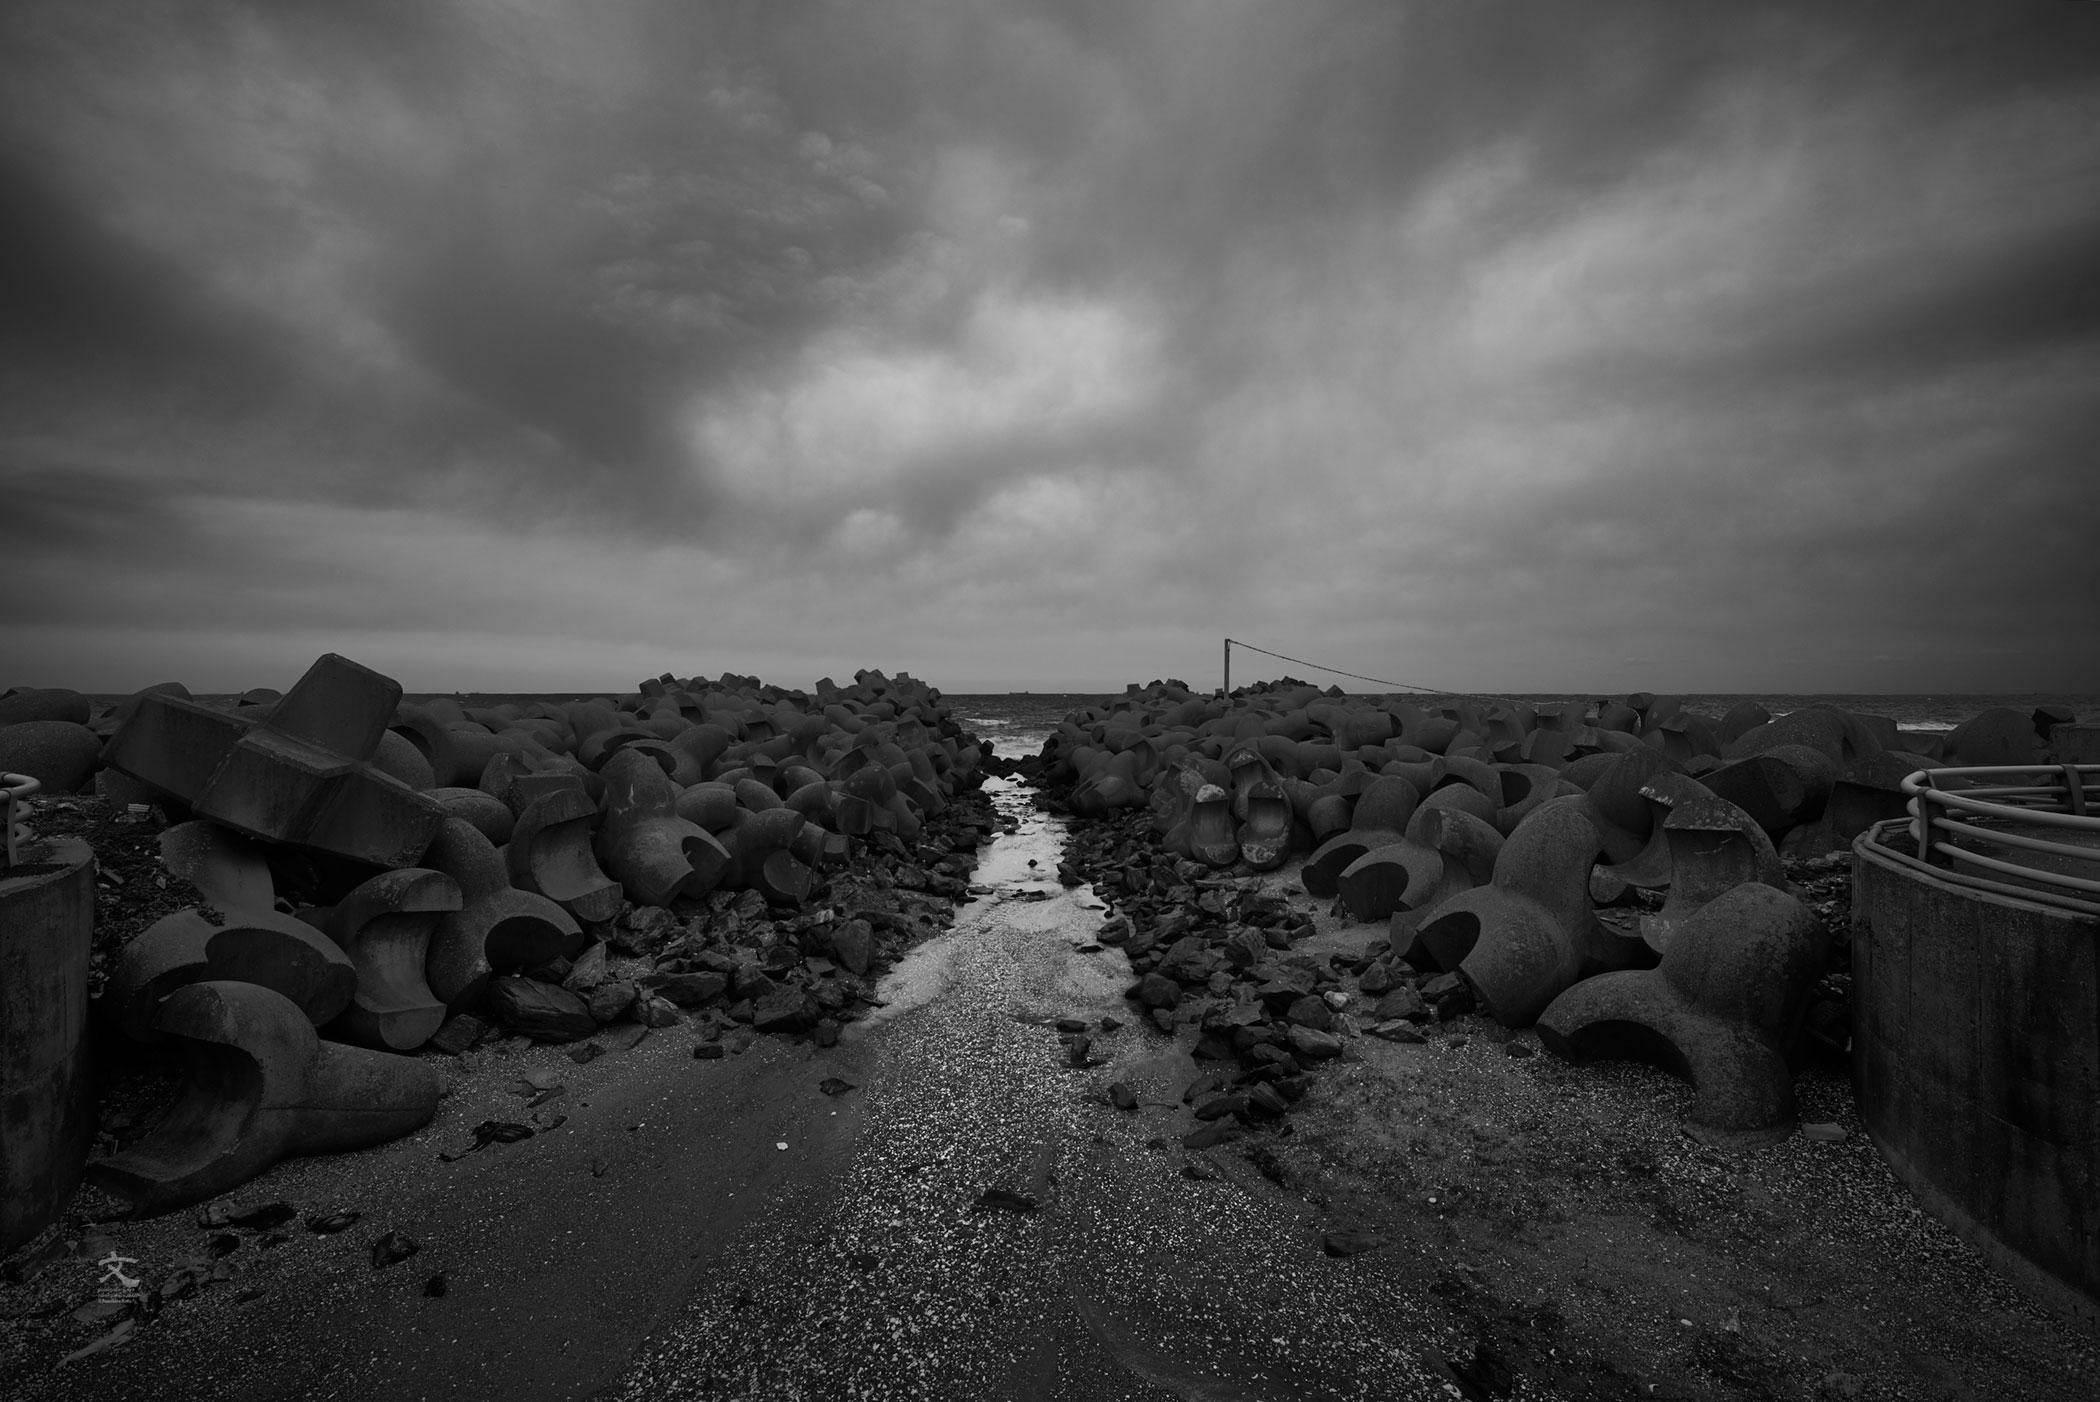 海景 海の道 20170331_8031 Kashimanada